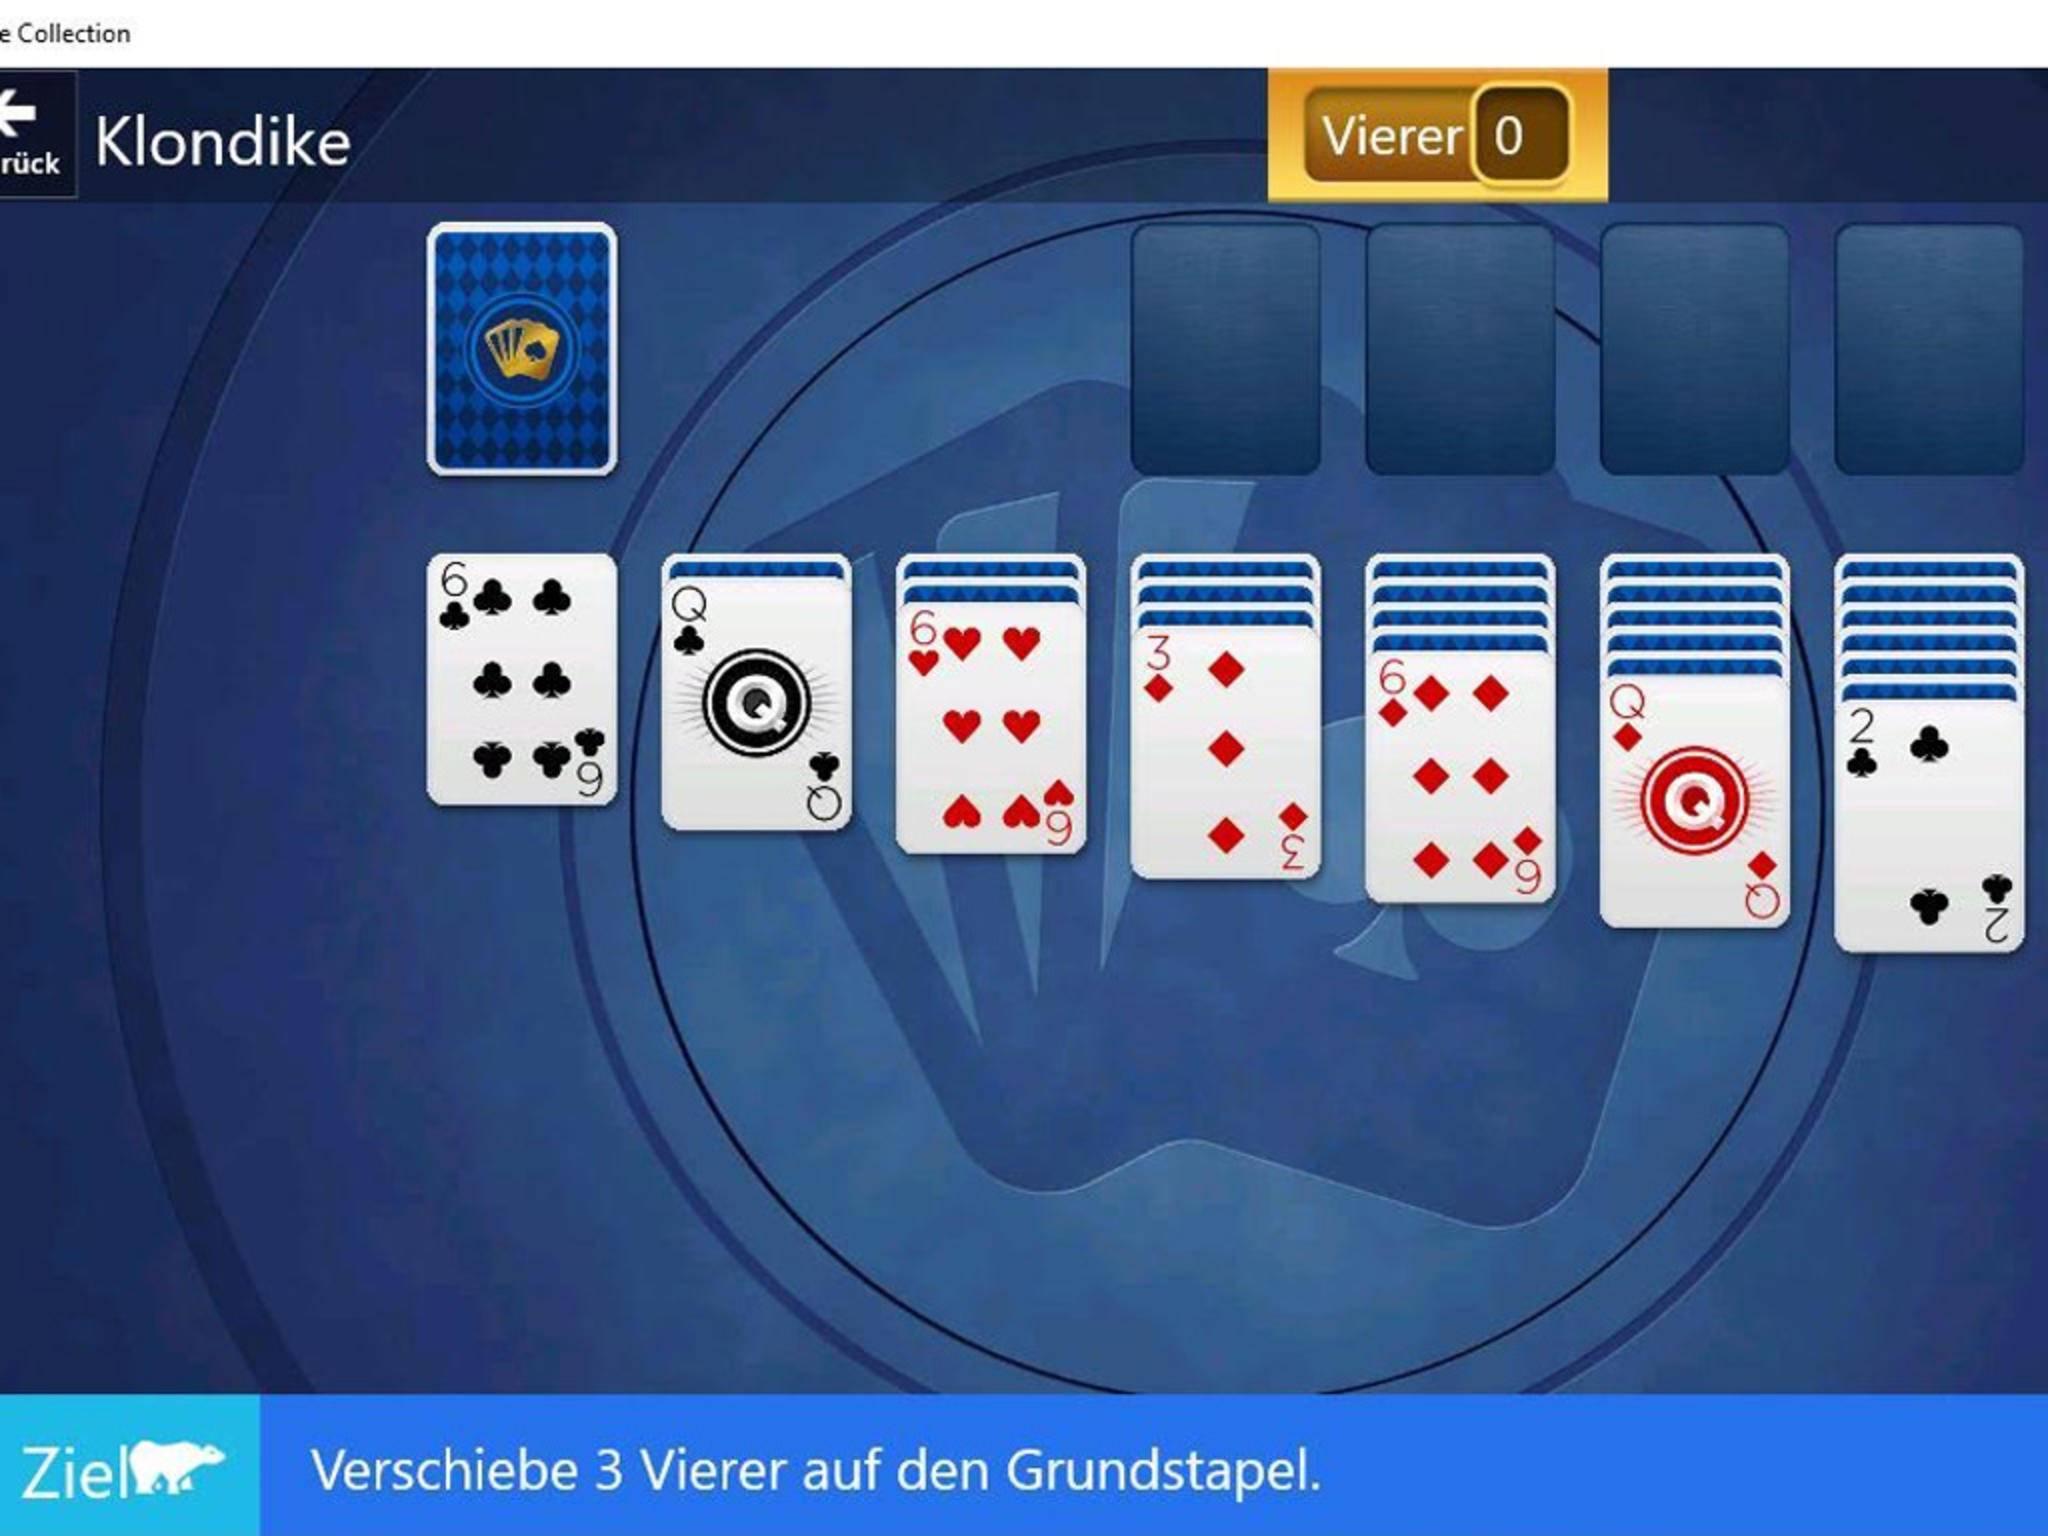 """Das Windows 10-Spiel """"Solitär"""" enthält Werbung, die Entfernung kostet."""